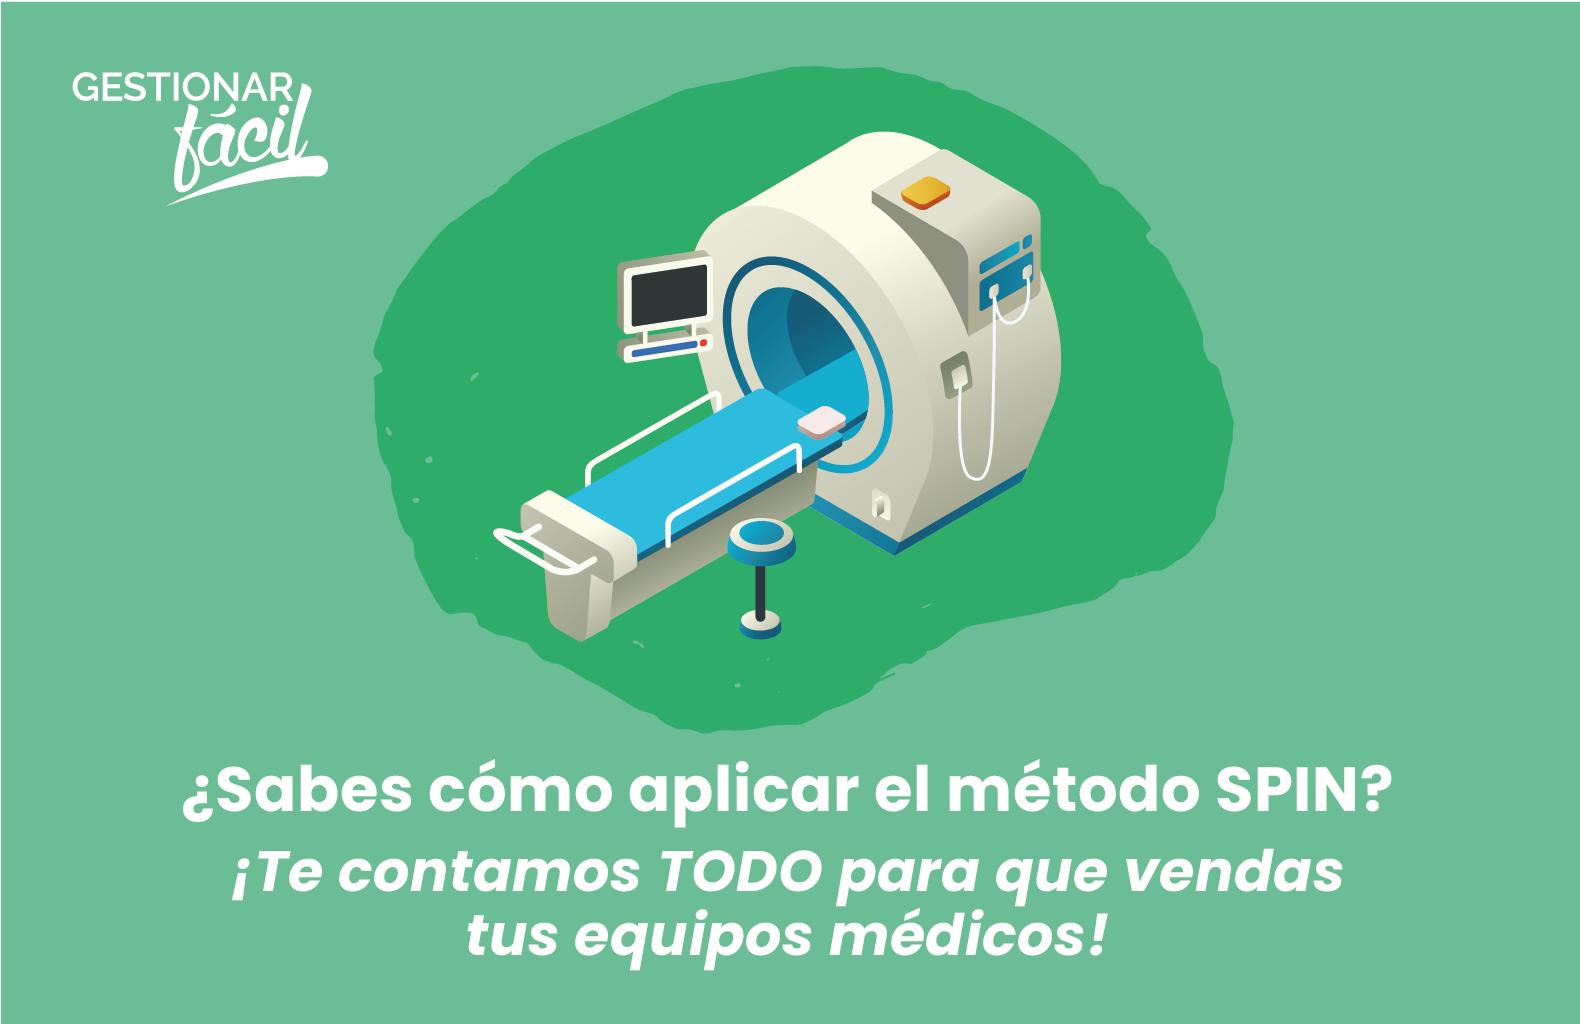 Cómo aplicar el método SPIN para vender equipos médicos